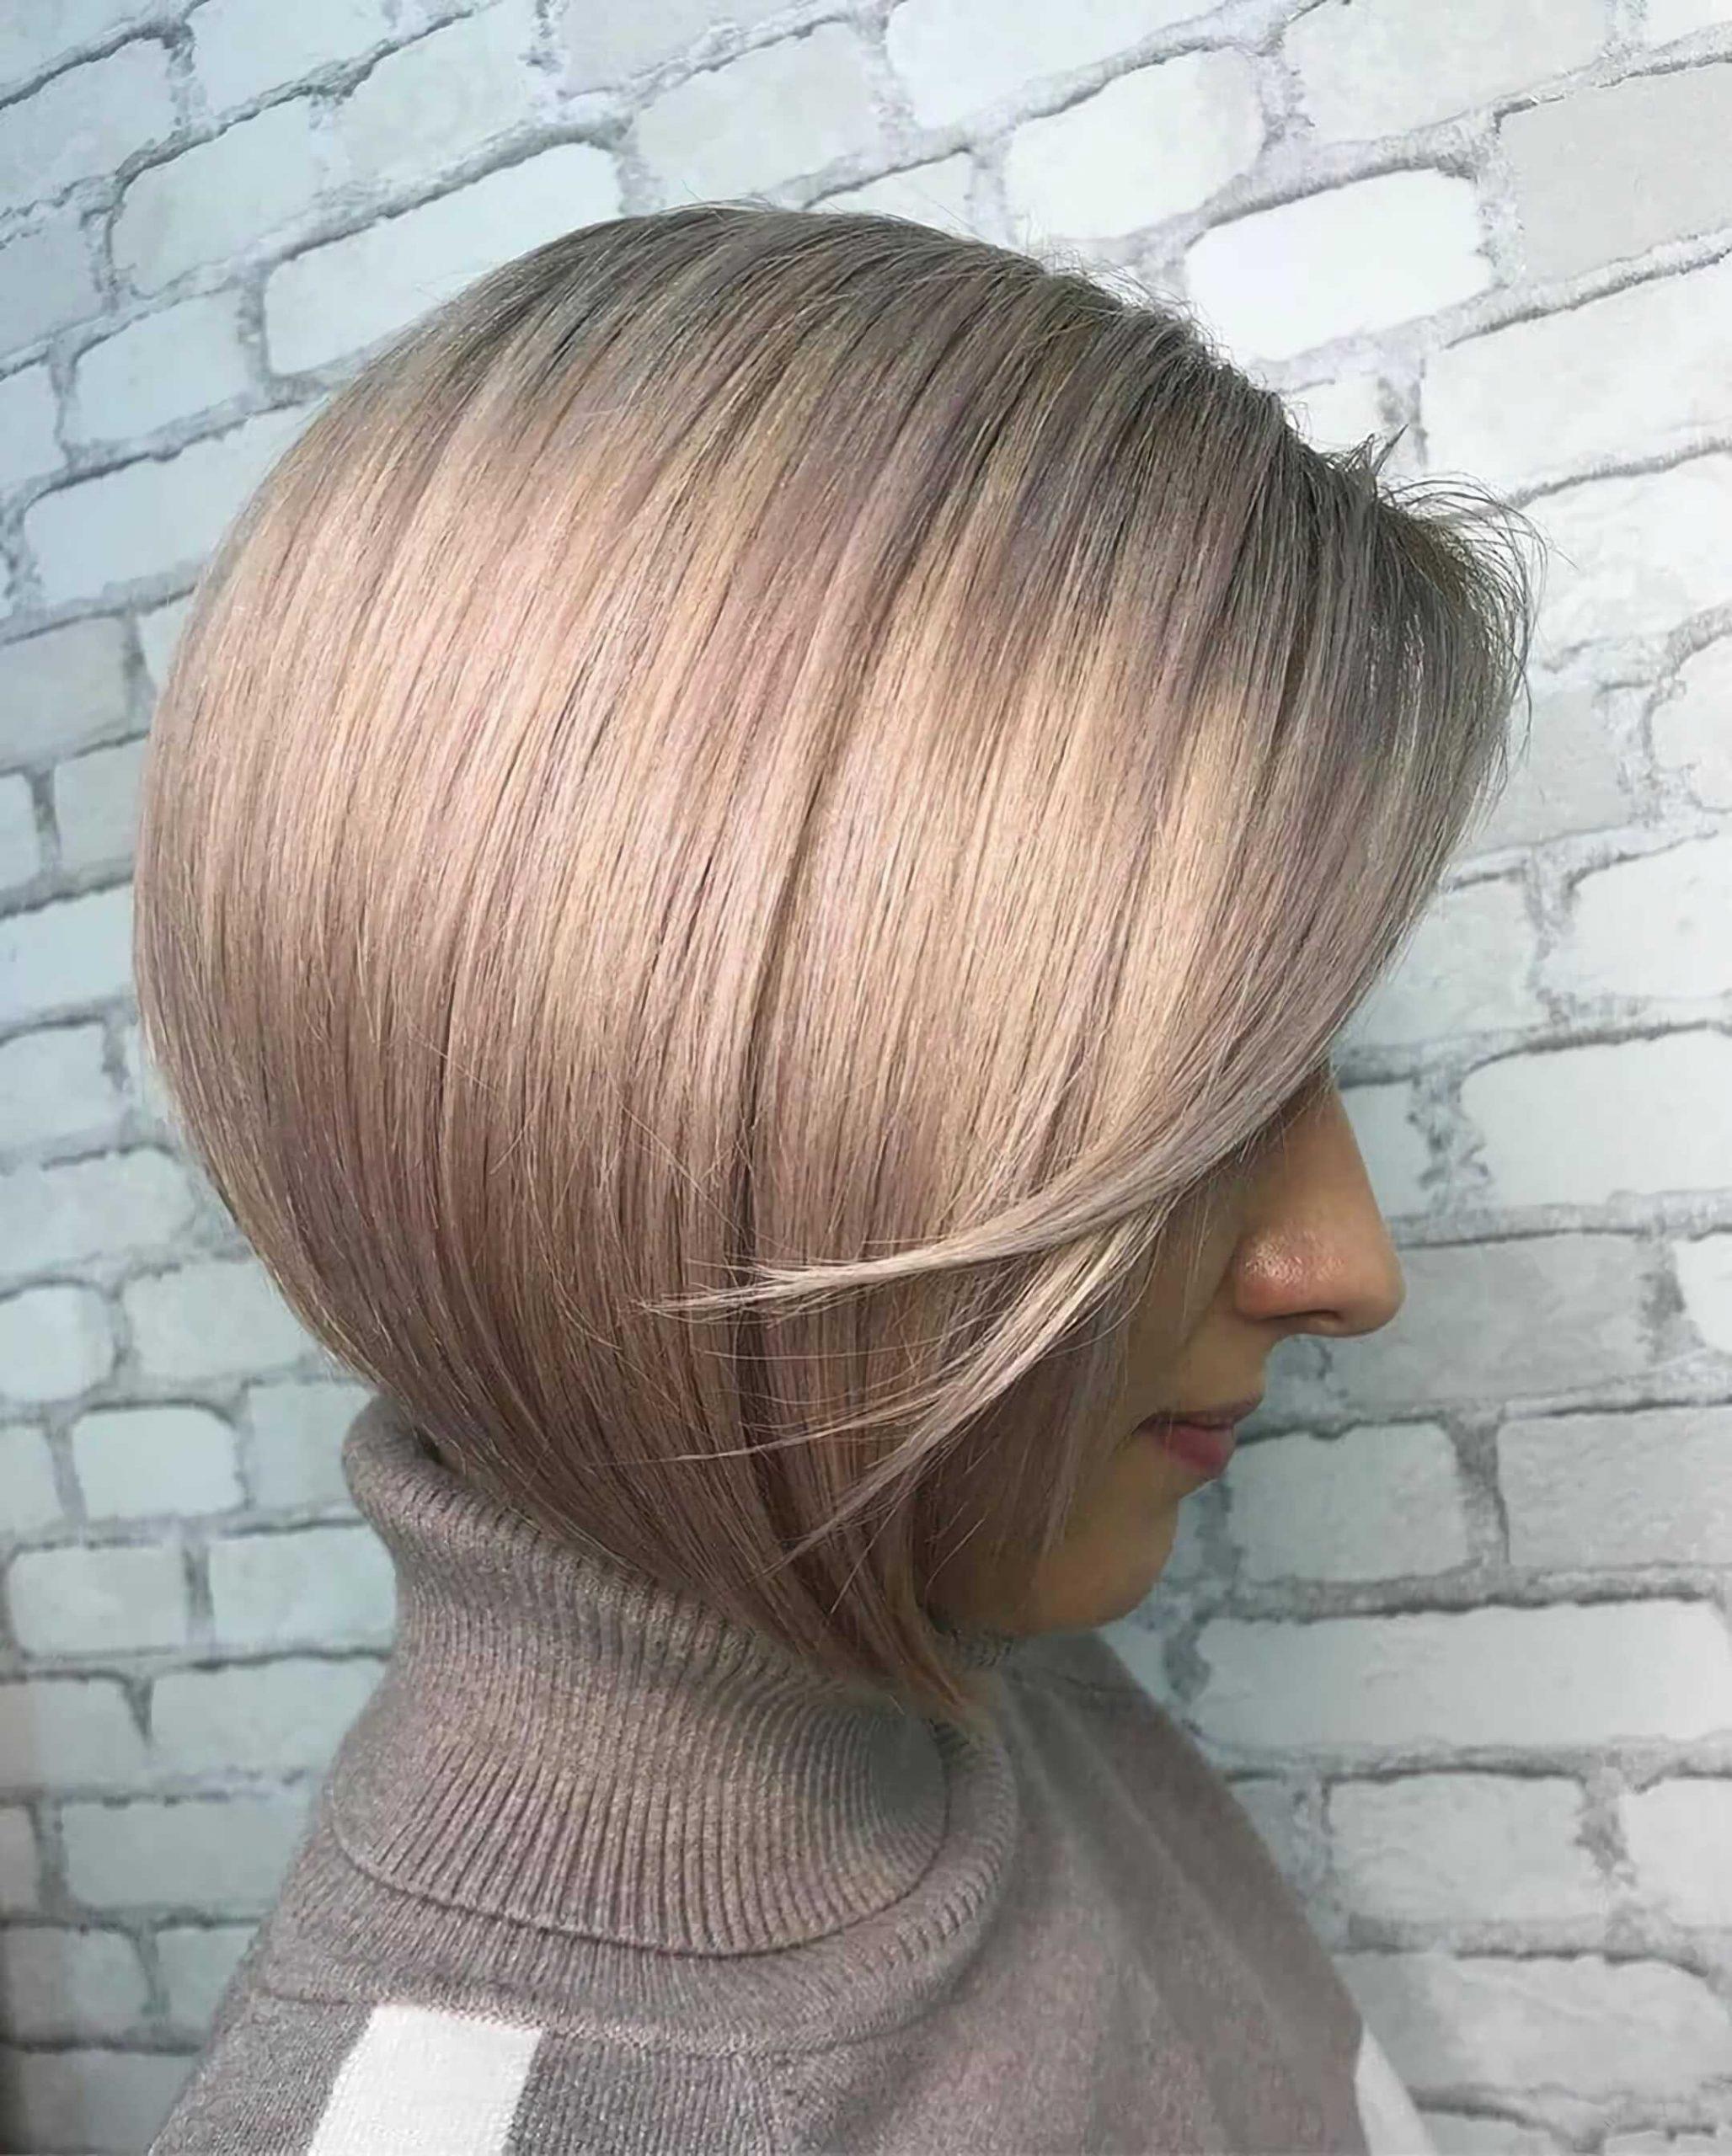 модный градуированный боб на короткие волосы